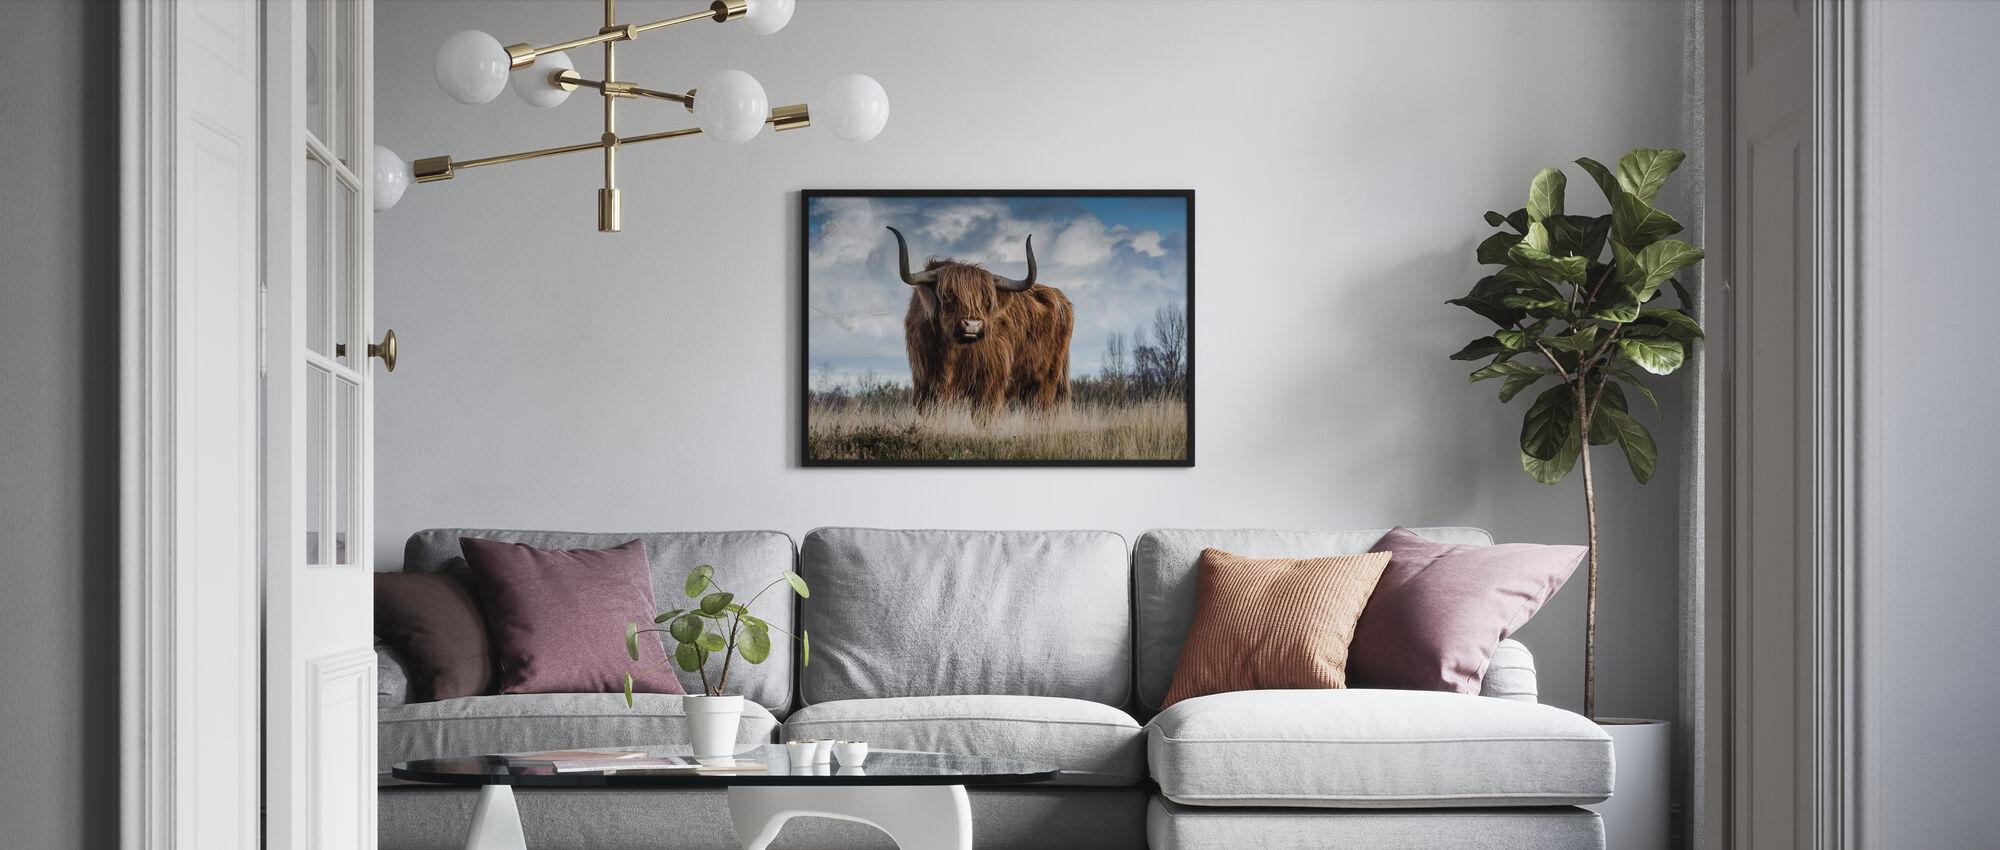 Stier auf der Wiese - Poster - Wohnzimmer